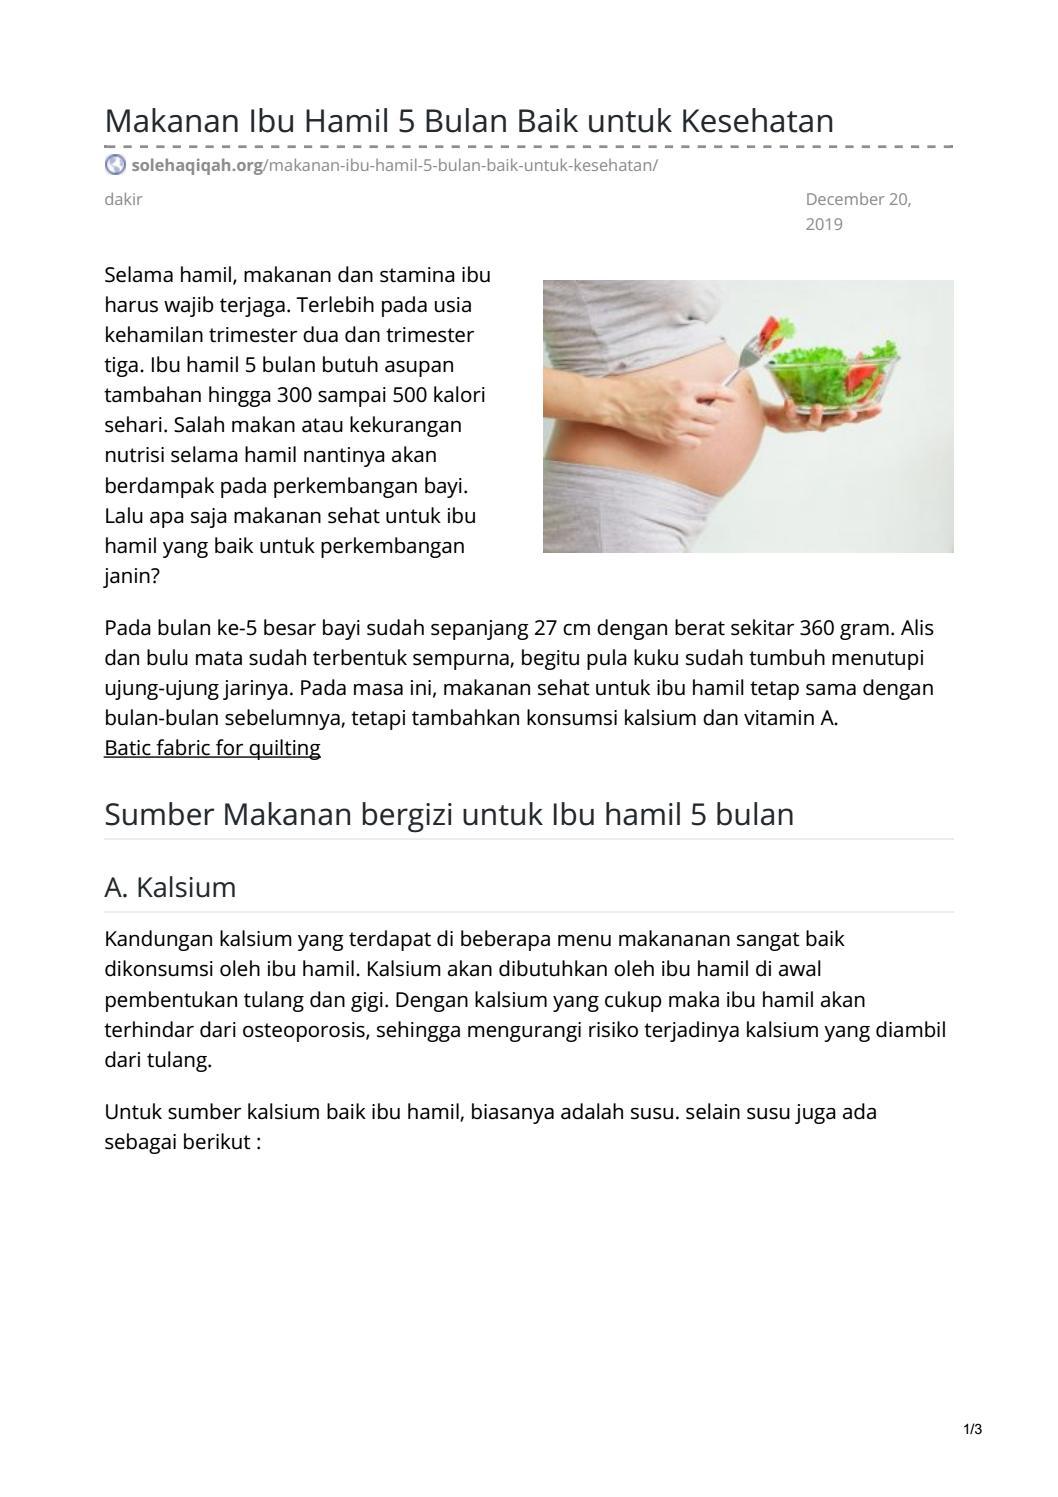 Makanan Ibu Hamil 5 Bulan Baik Untuk Kesehatan By Batik Jito